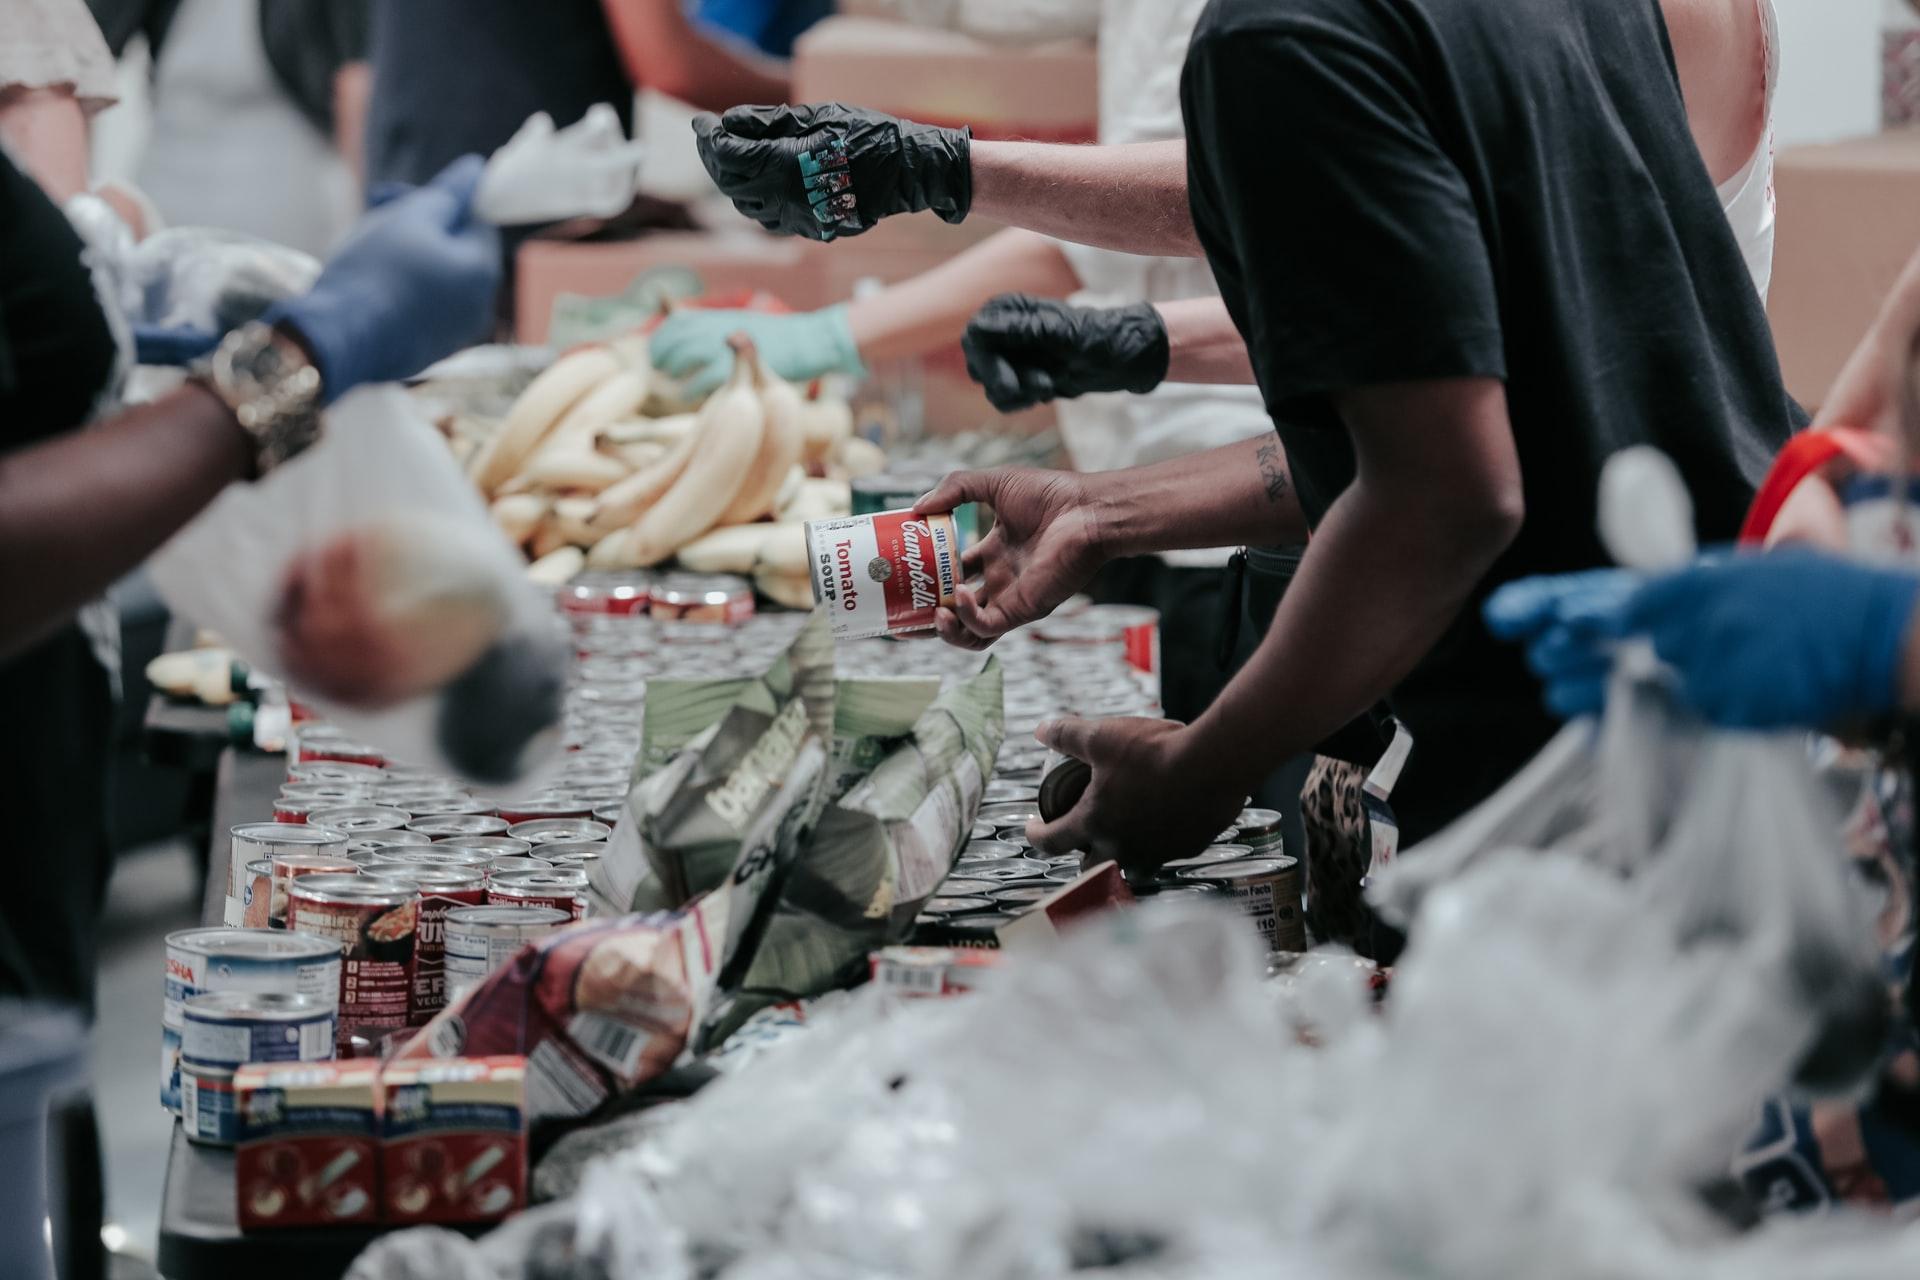 世界の食料援助量は年間420万トン